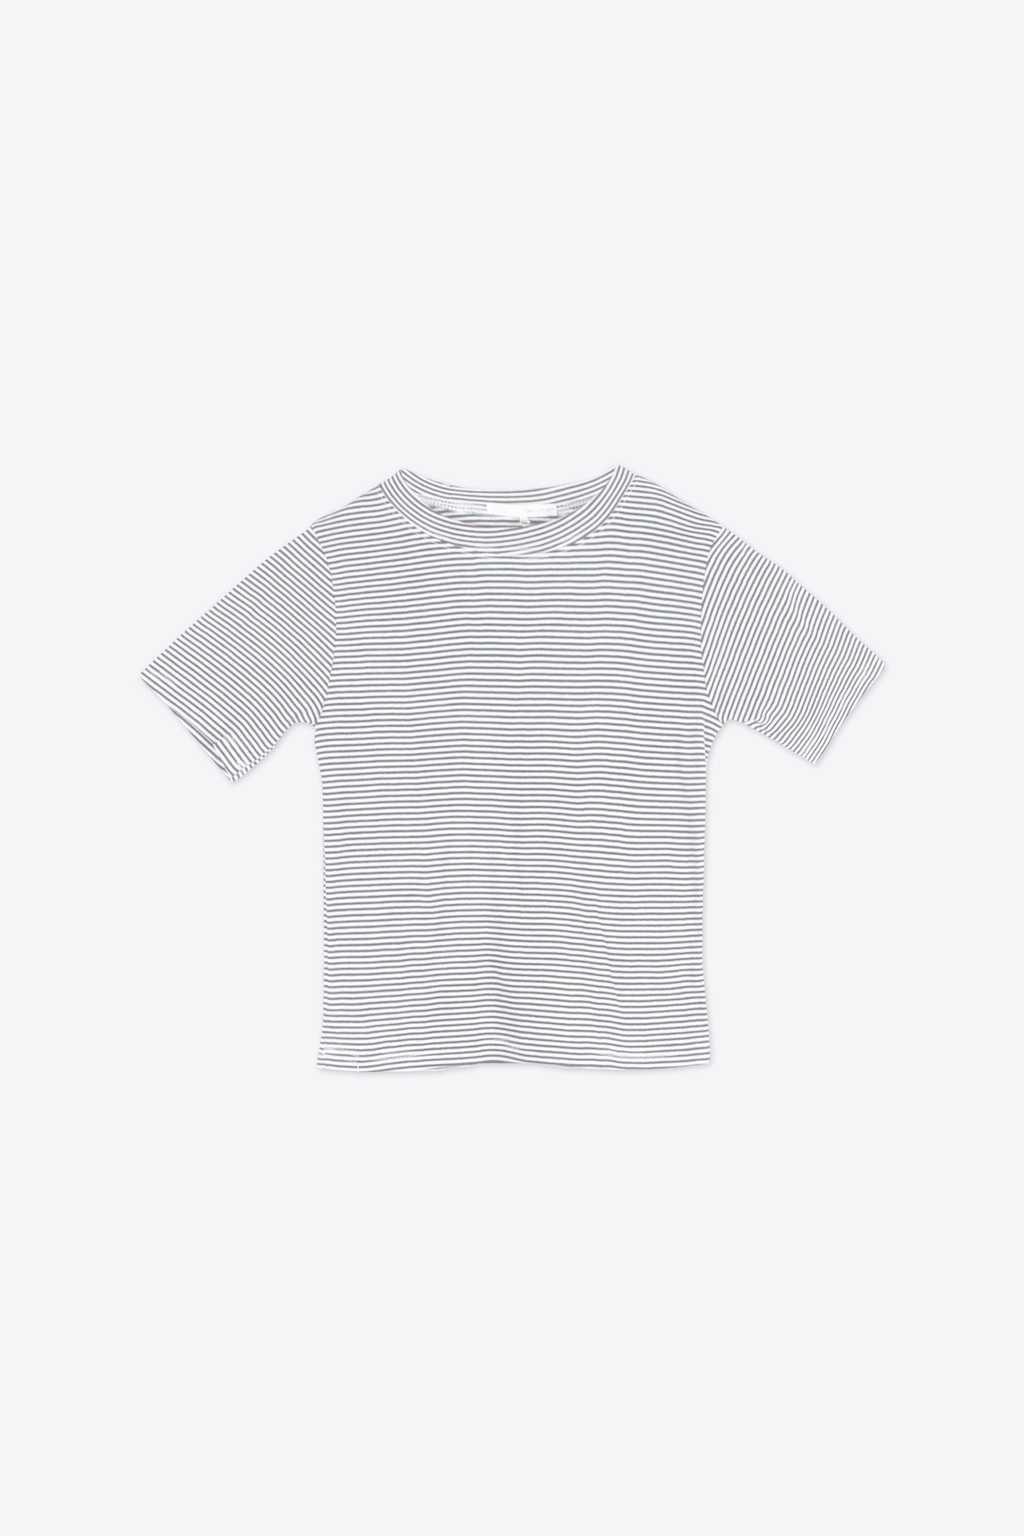 TShirt H164 Gray 7